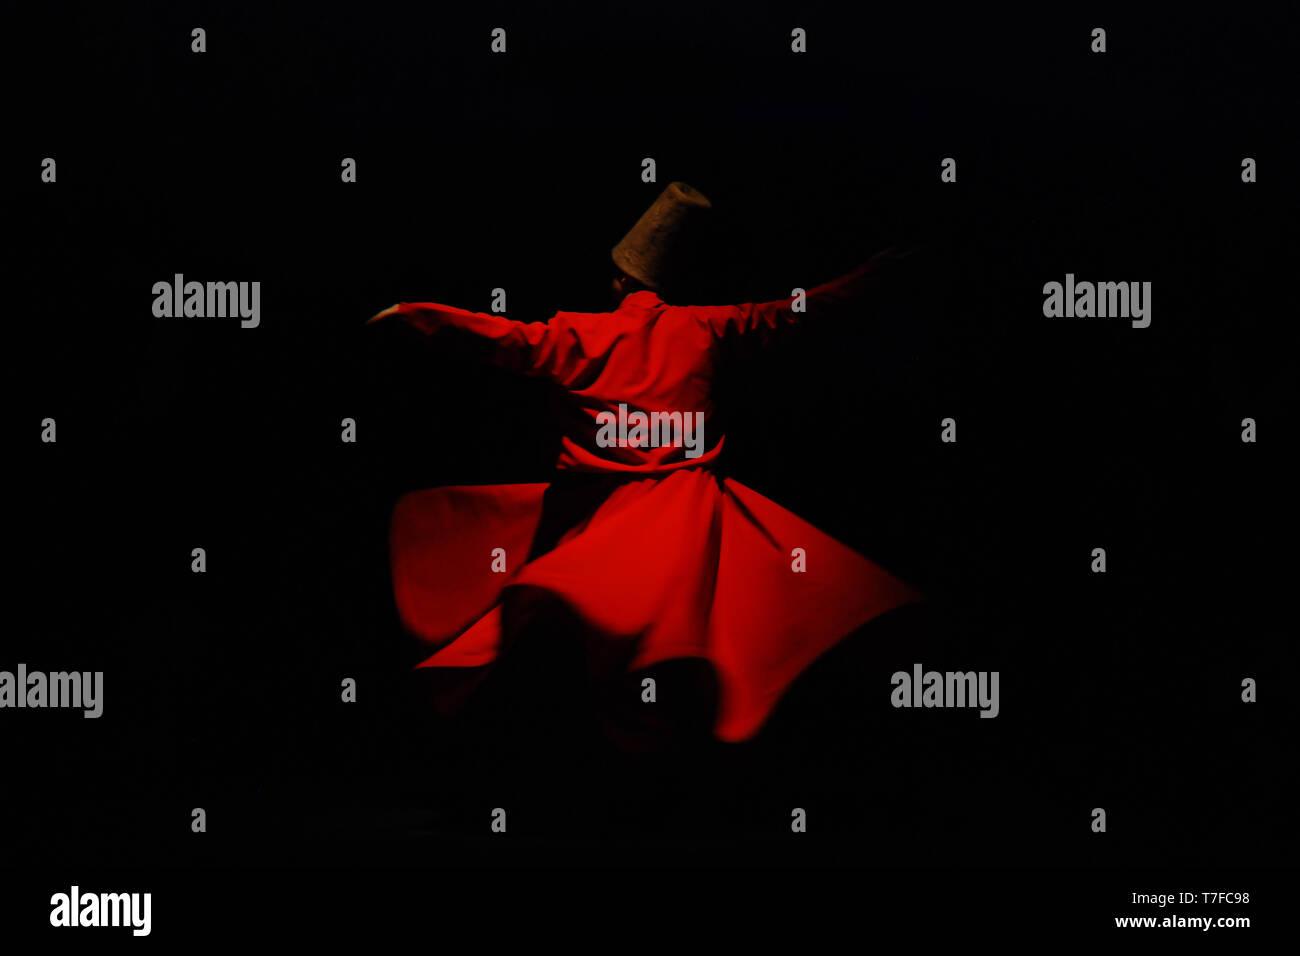 Derviche tourneur en vêtement rouge sur fond noir Banque D'Images